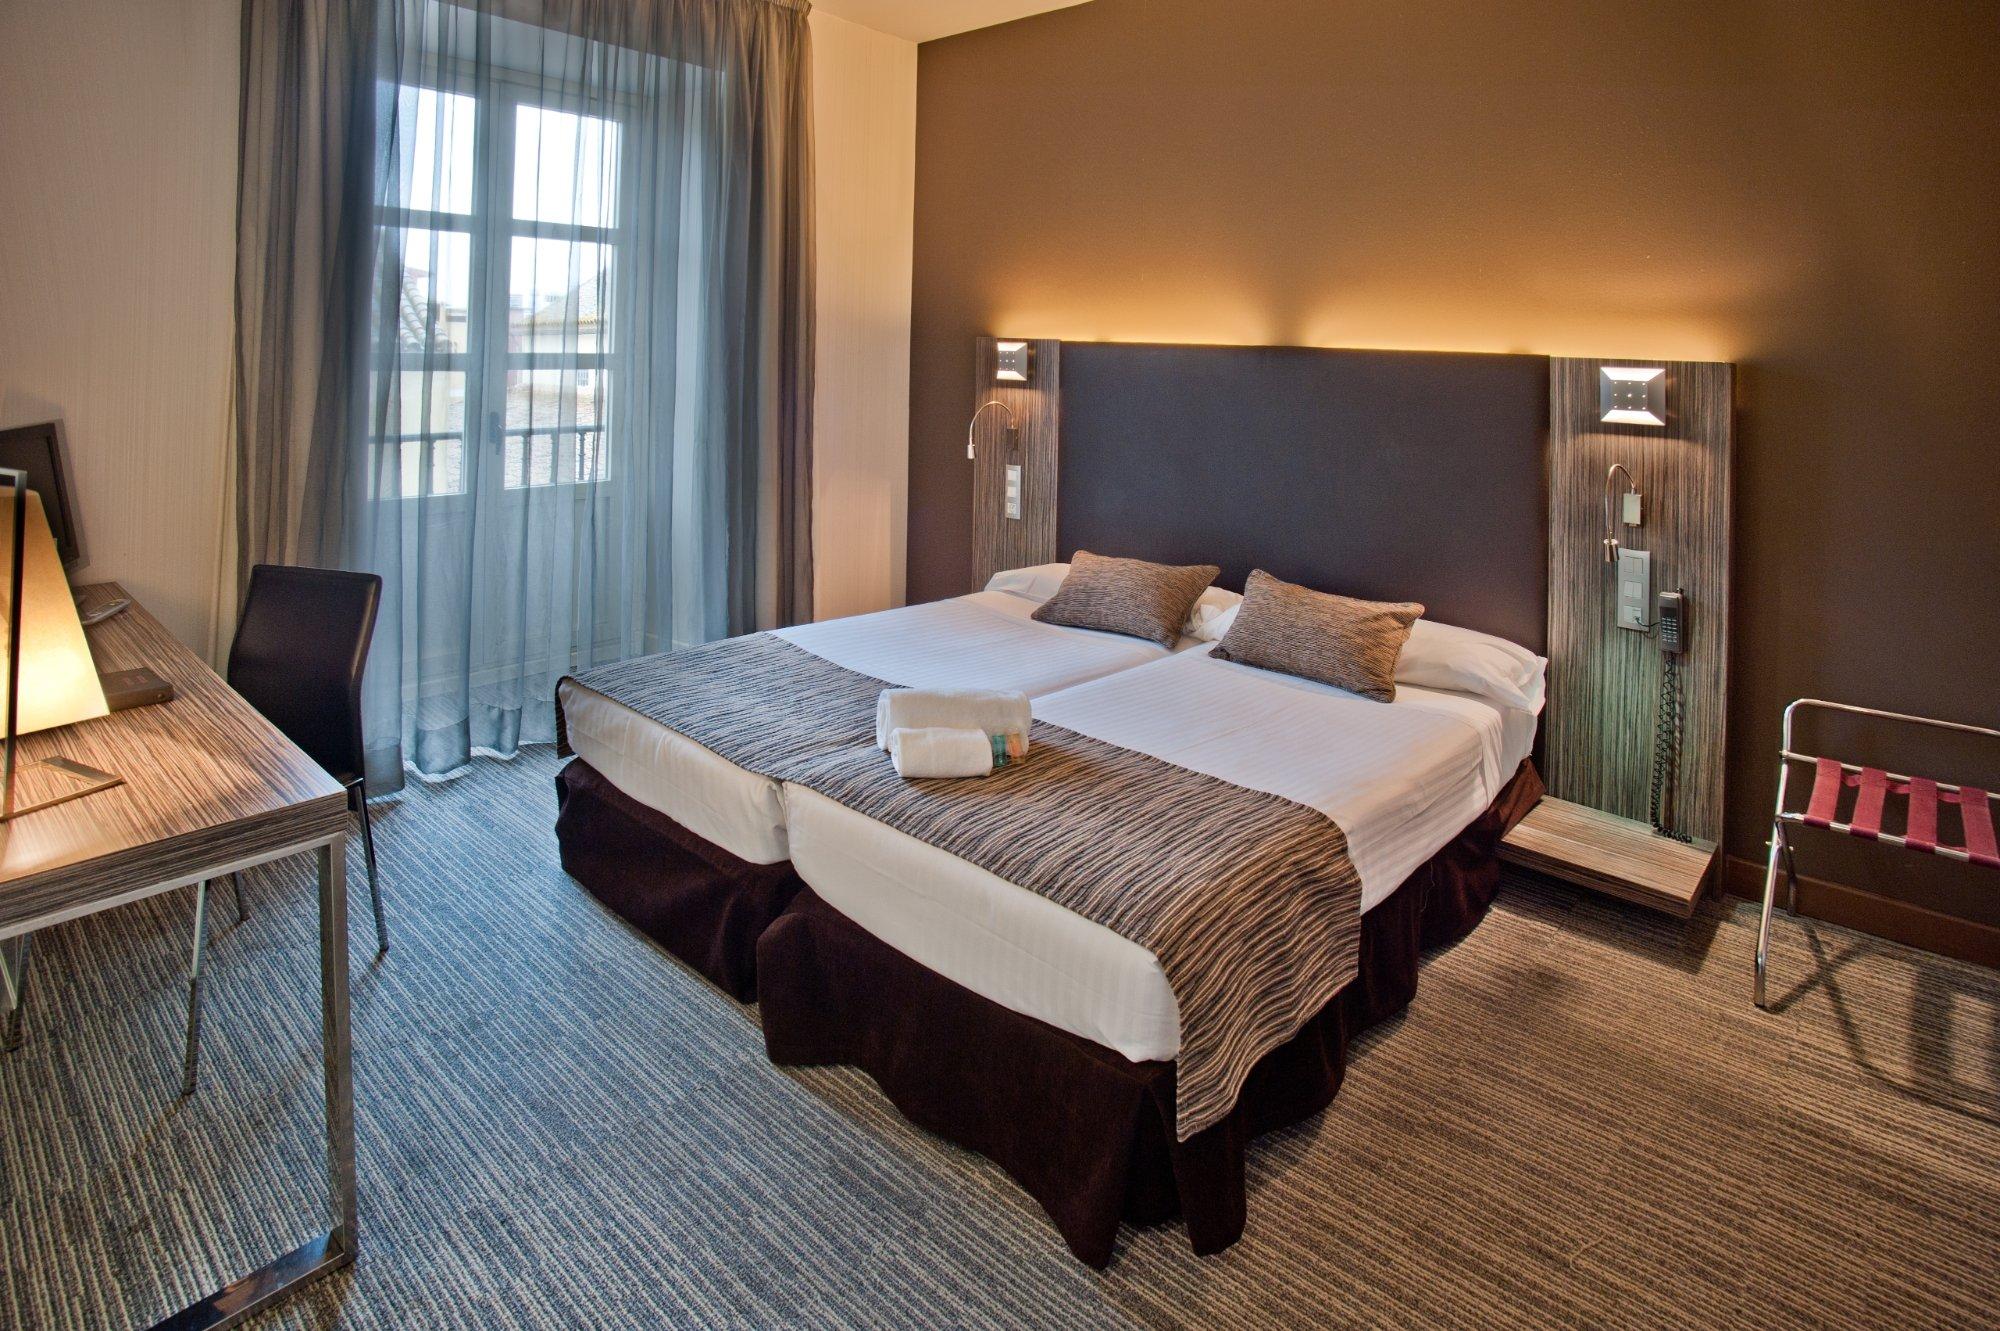 聖克魯斯蒂特宫酒店